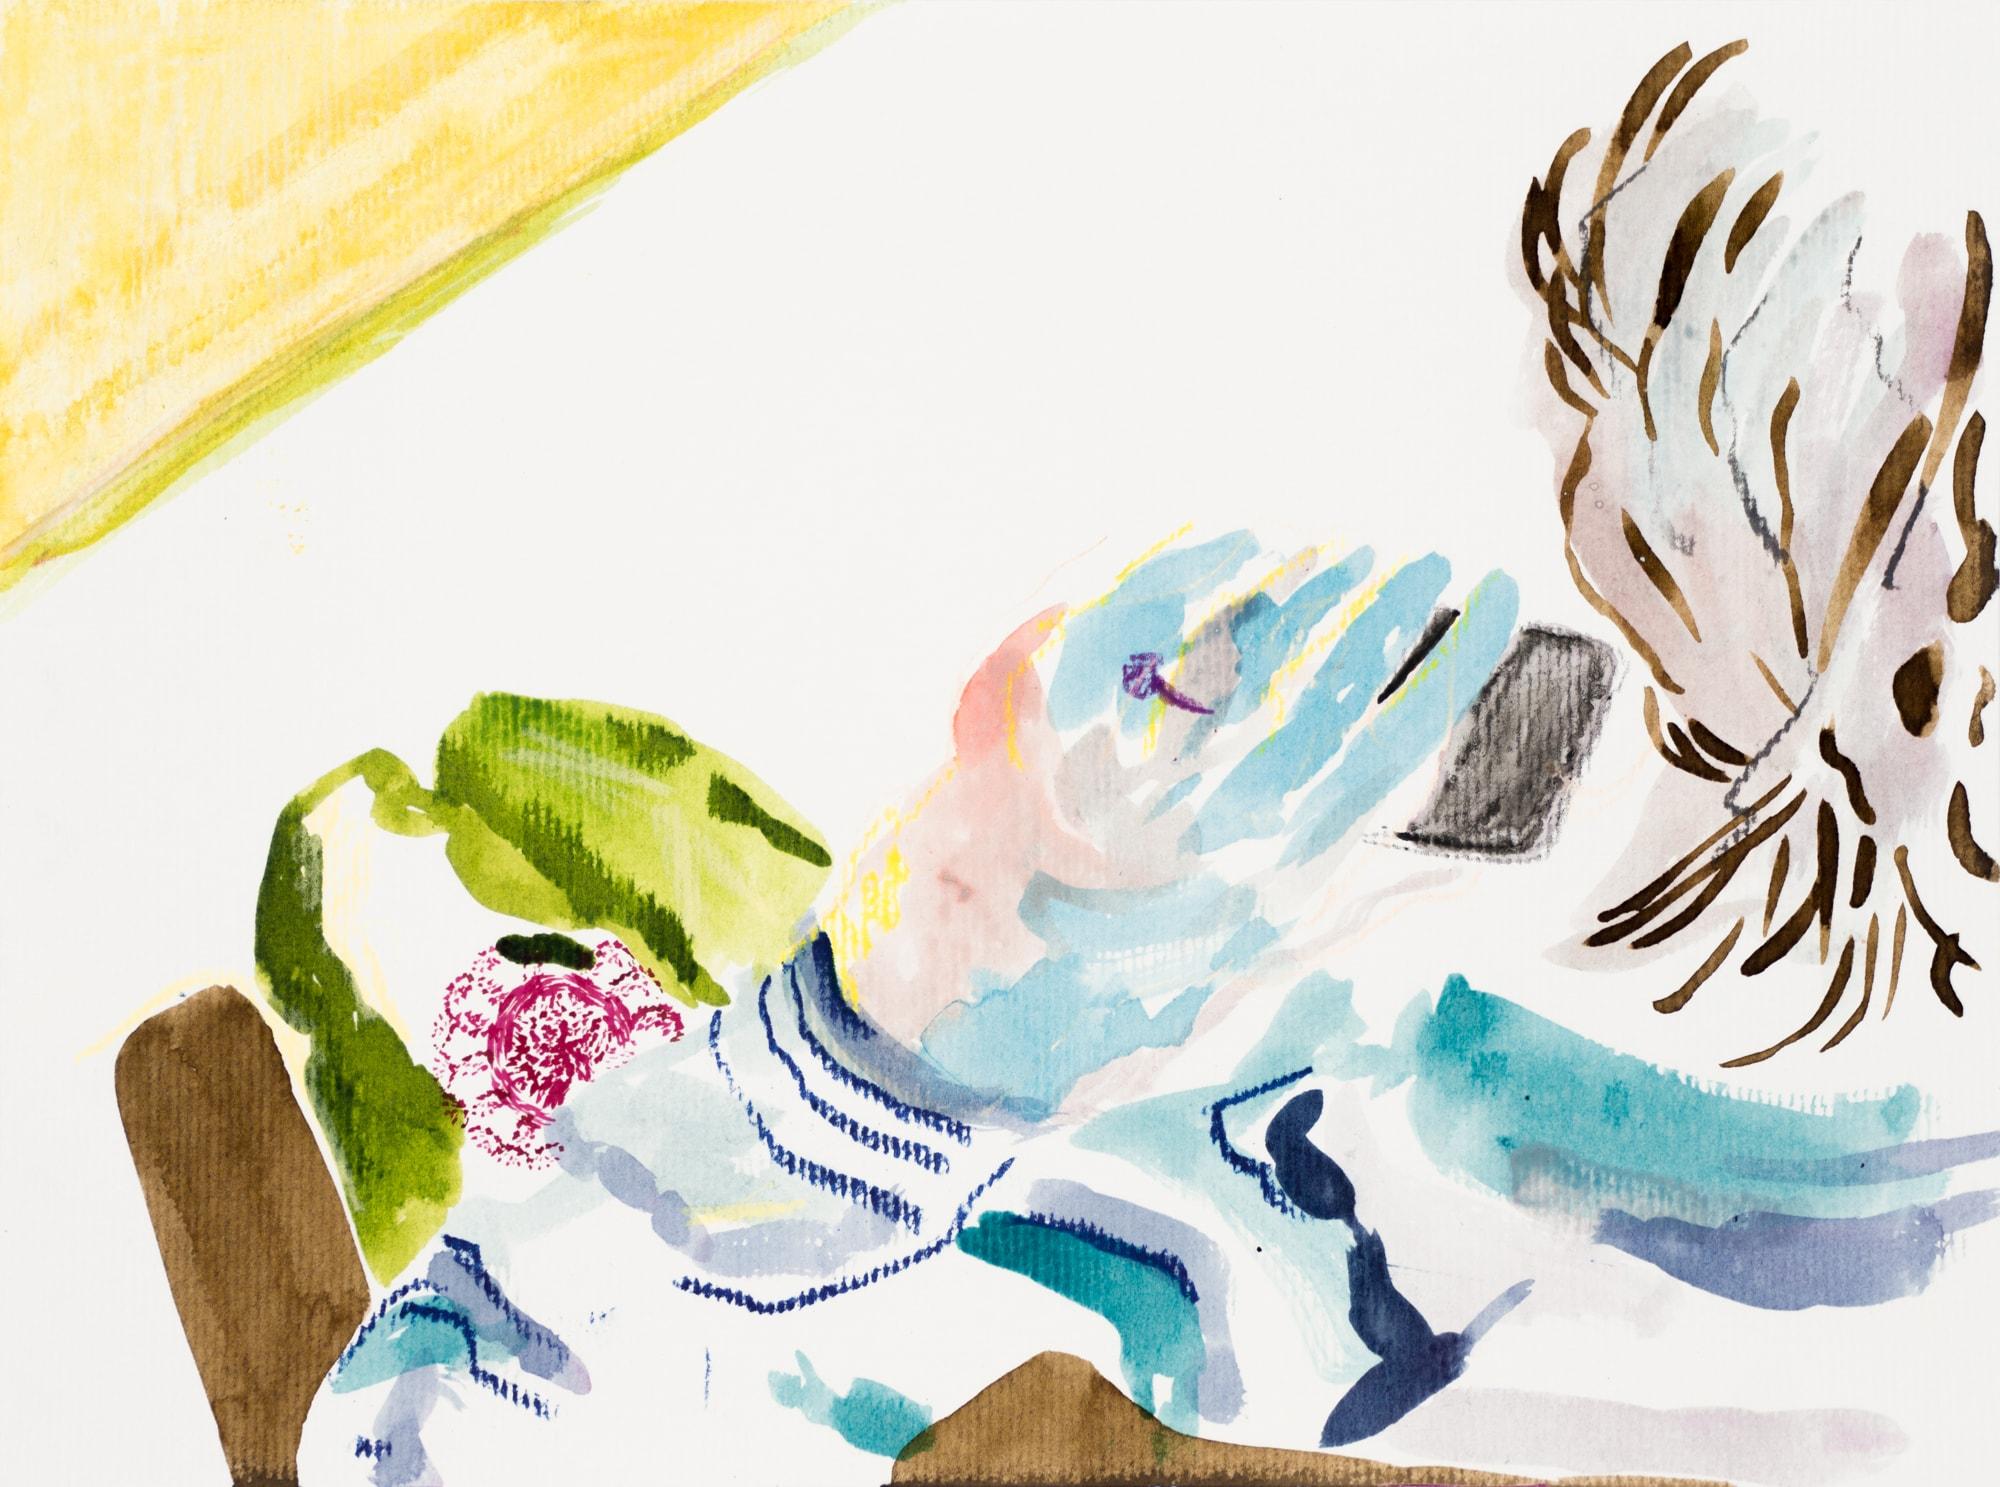 Zeichnung, Ölkreide und Tusche auf Papier, 28,3x21cm, Medienbild Corona, Künstlerin: Franziska King